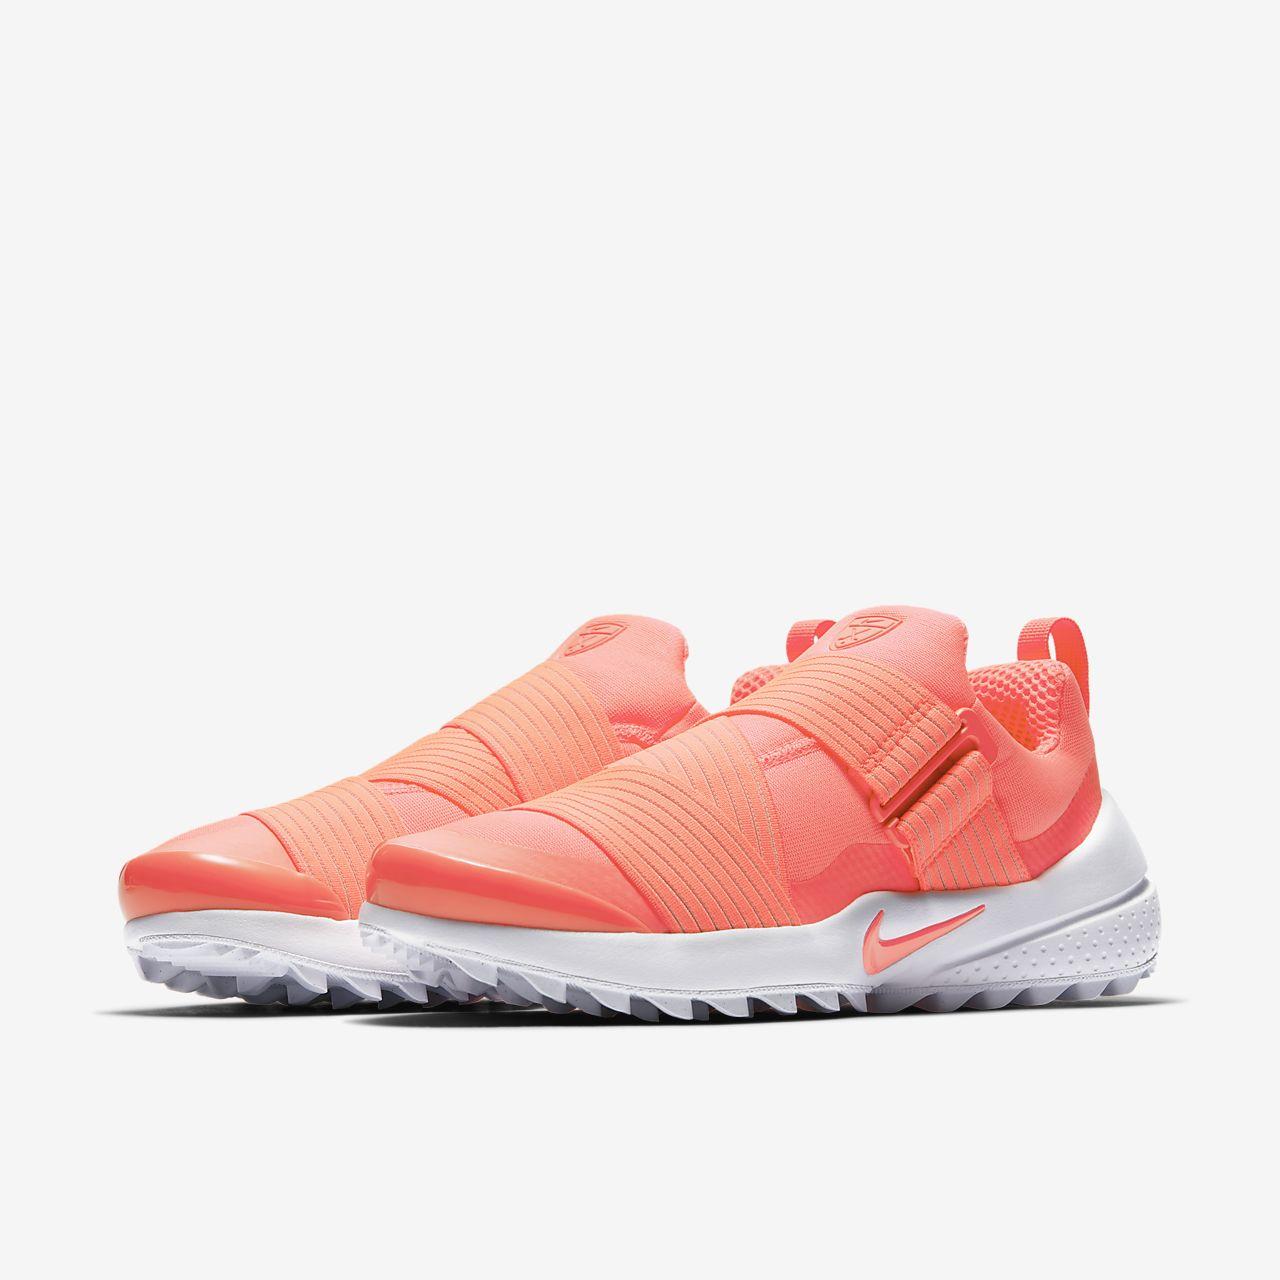 ... Nike Air Zoom Gimme Women\u0027s Golf Shoe